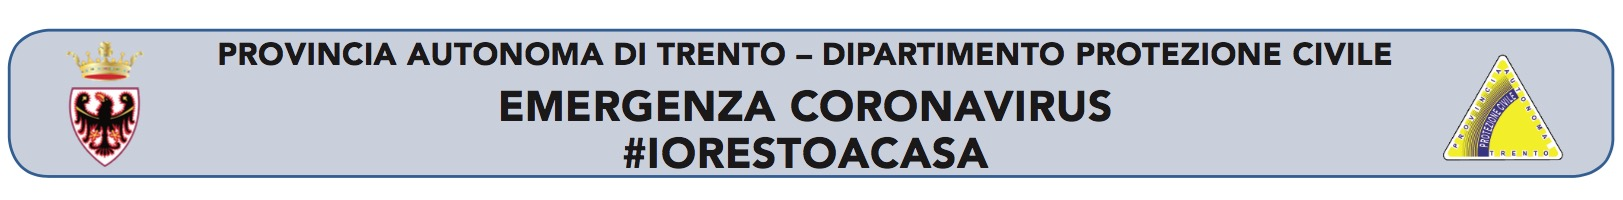 PROVINCIA AUTONOMA TRENTO * CORONAVIRUS / COVID-19: « LE INDICAZIONI PER L'UTILIZZO DELLA MASCHERINA » (ALLEGATO VADEMECUM IN PDF)